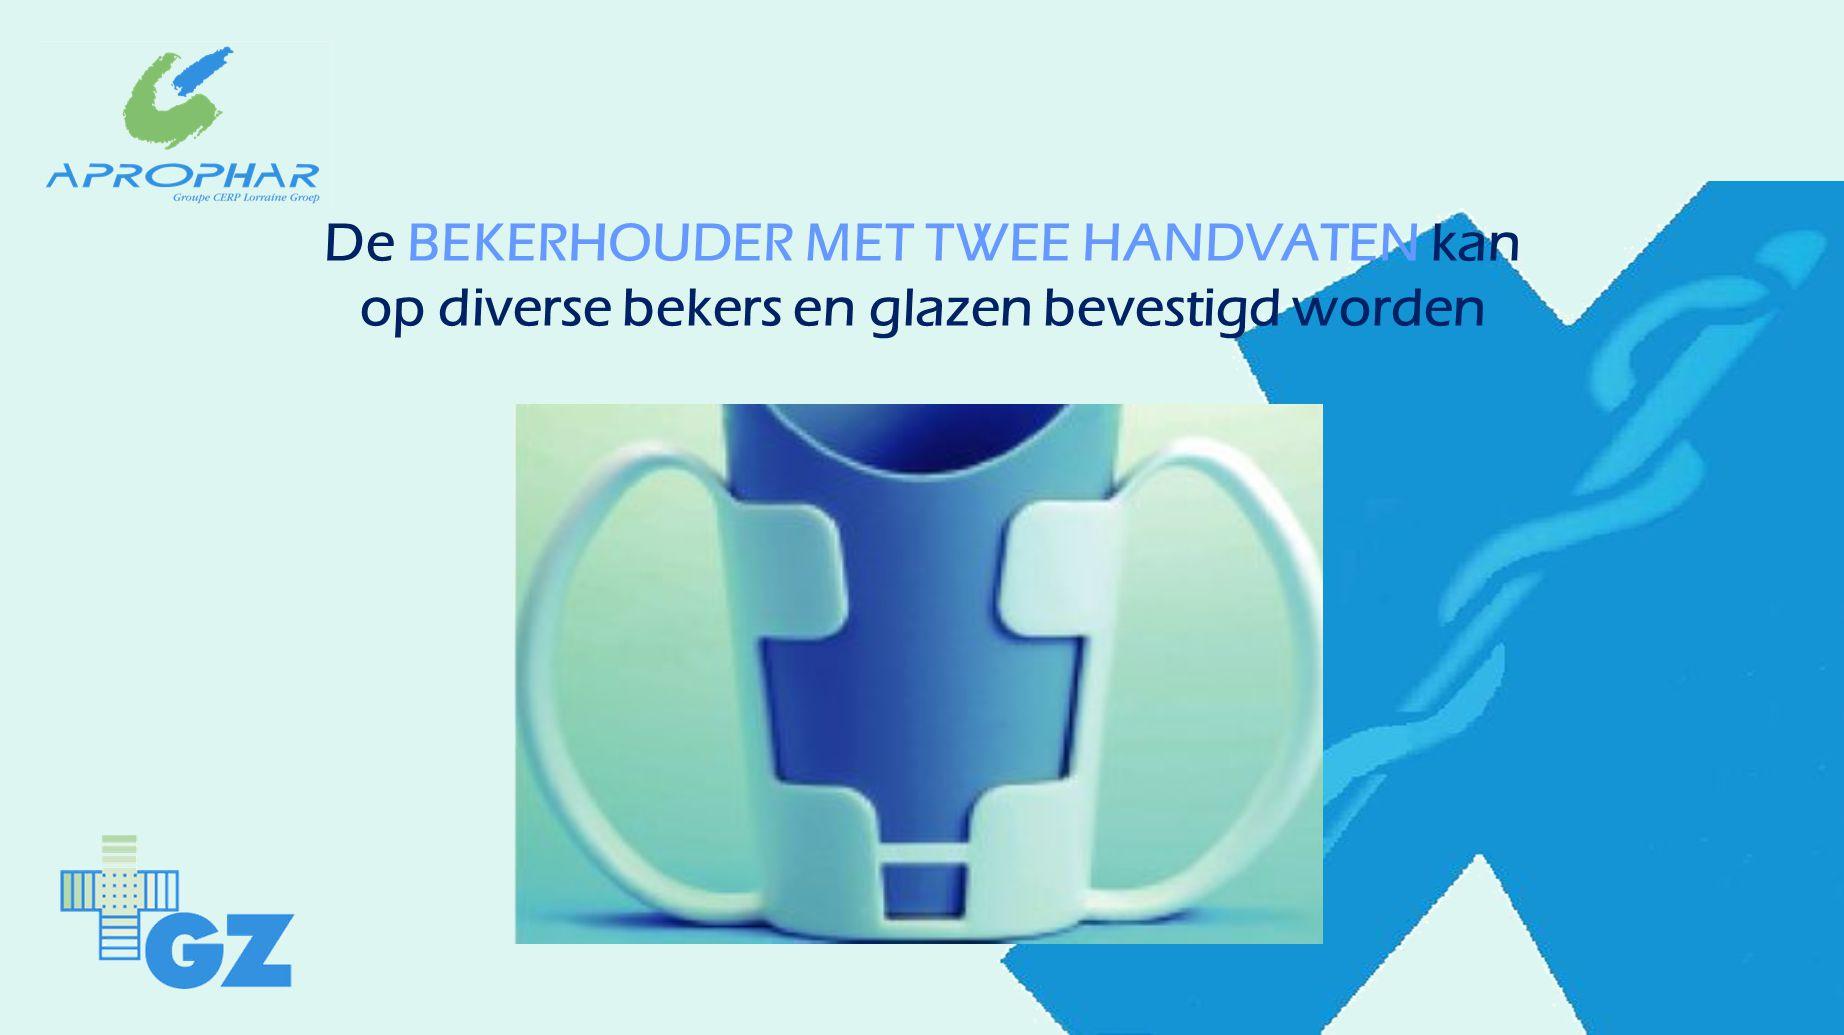 De BEKERHOUDER MET TWEE HANDVATEN kan op diverse bekers en glazen bevestigd worden